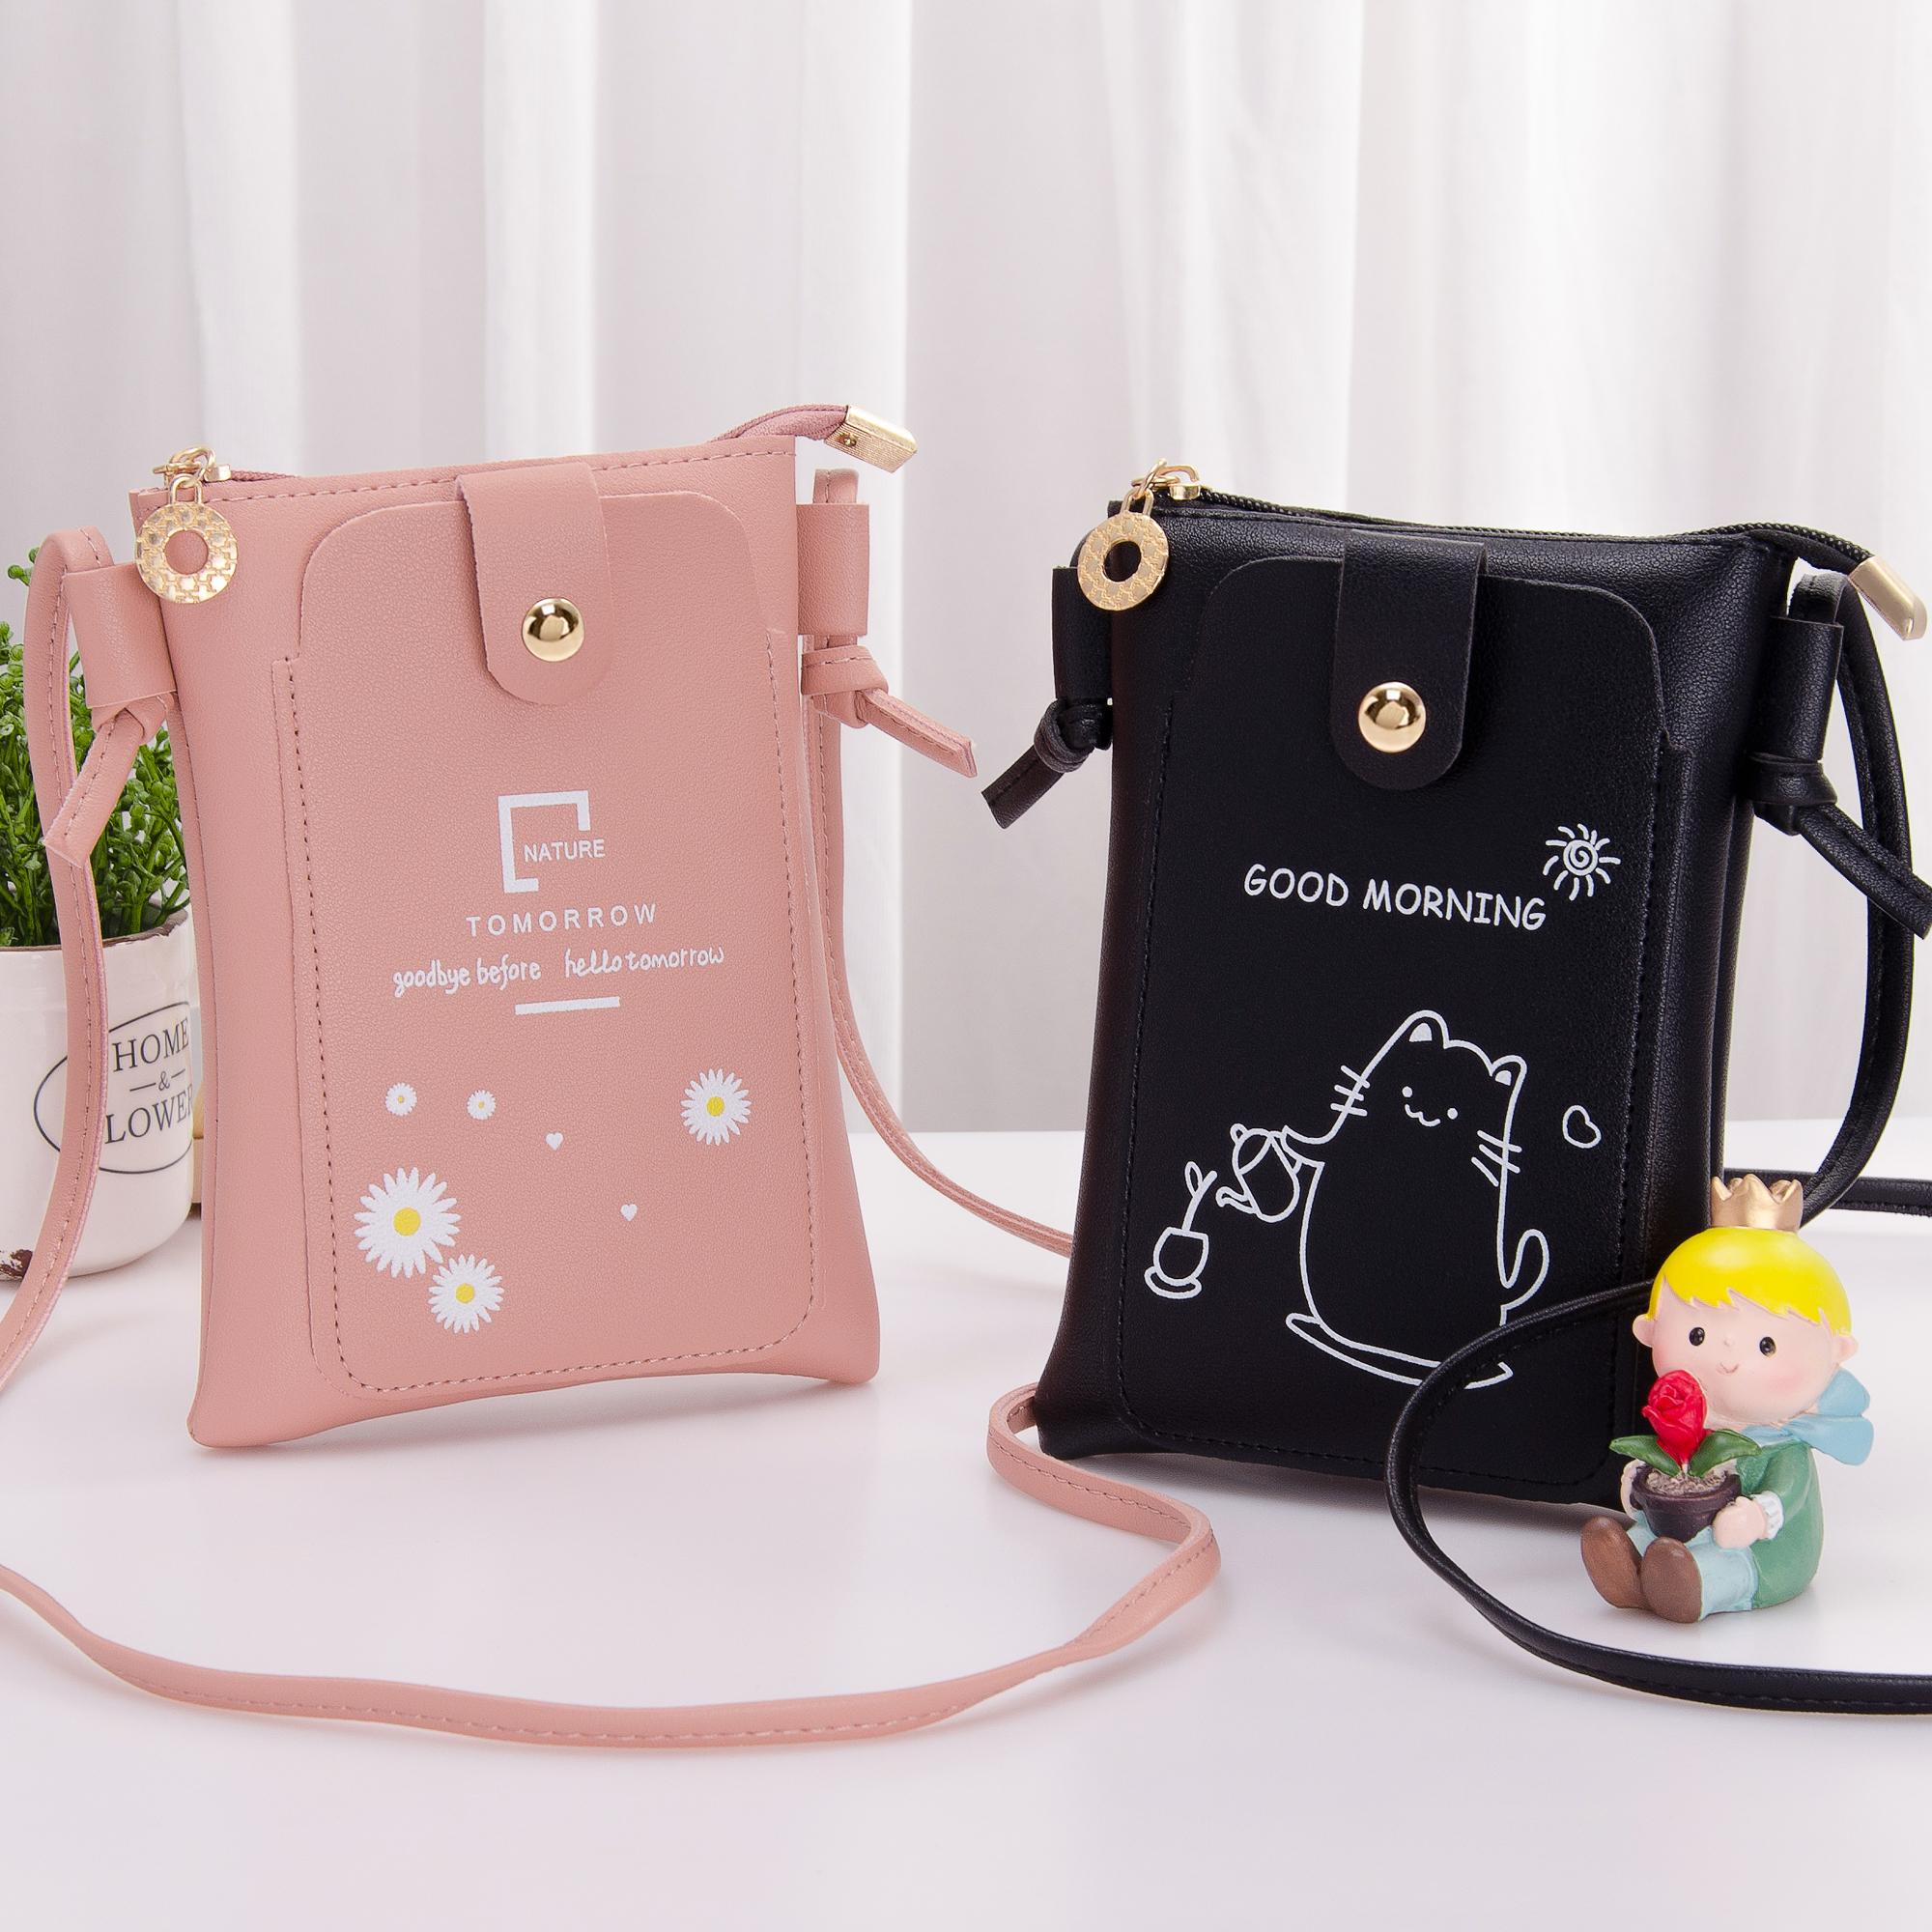 手机包女2020新款韩版可爱简约迷你小包包手机零钱包斜挎包单肩包